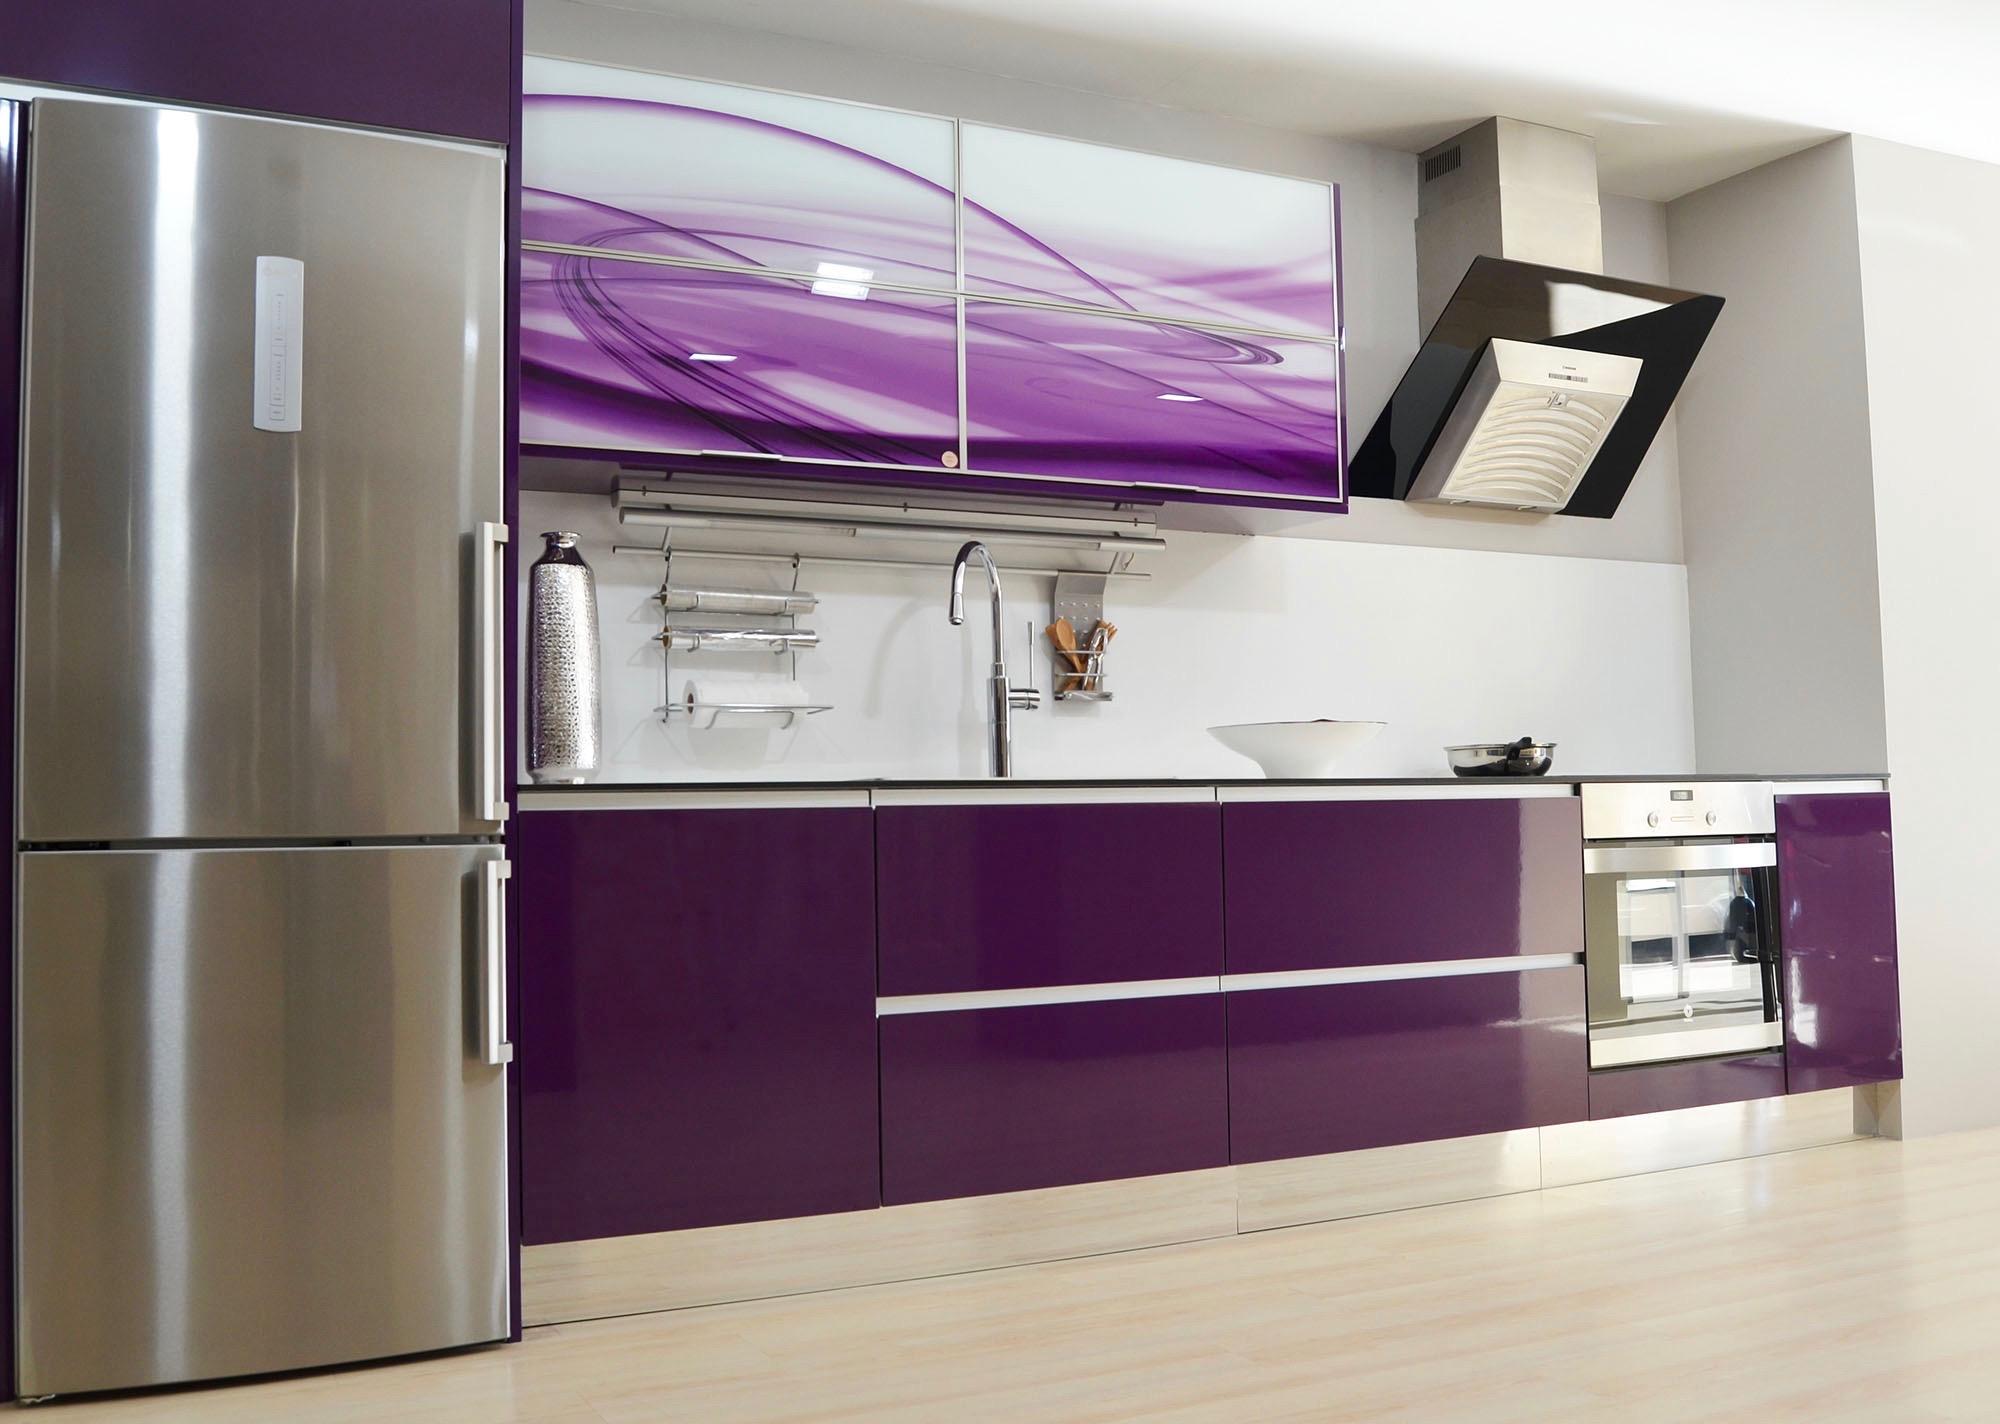 Nuestras cocinas elegantes01 josman hermanos tienda de for Cocinas y banos modernos